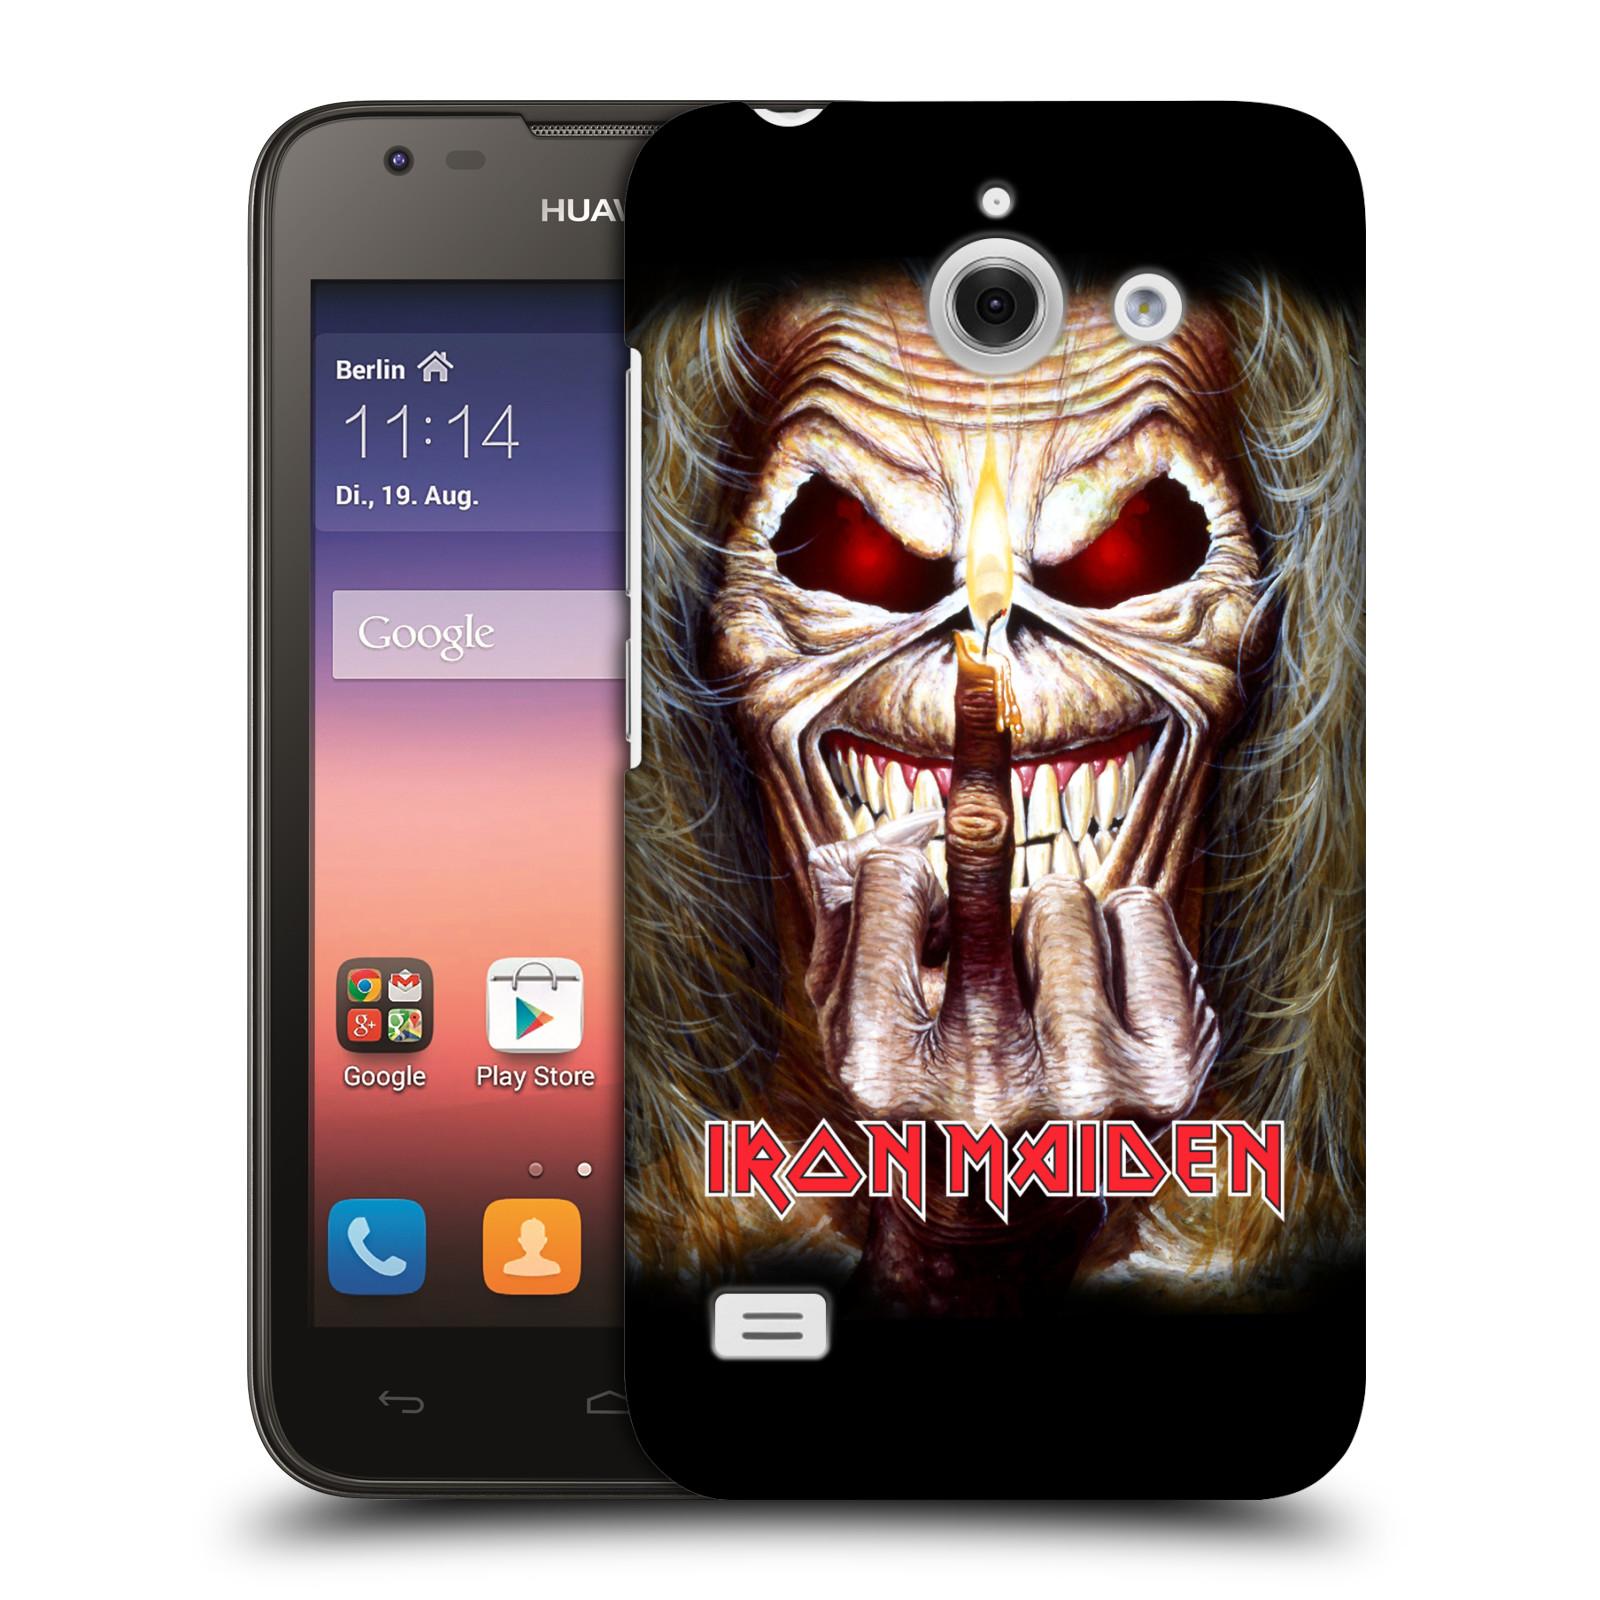 Plastové pouzdro na mobil Huawei Ascend Y550 HEAD CASE - Iron Maiden - Candle Finger (Plastový kryt či obal na mobilní telefon s licencovaným motivem Iron Maiden Huawei Ascend Y550)